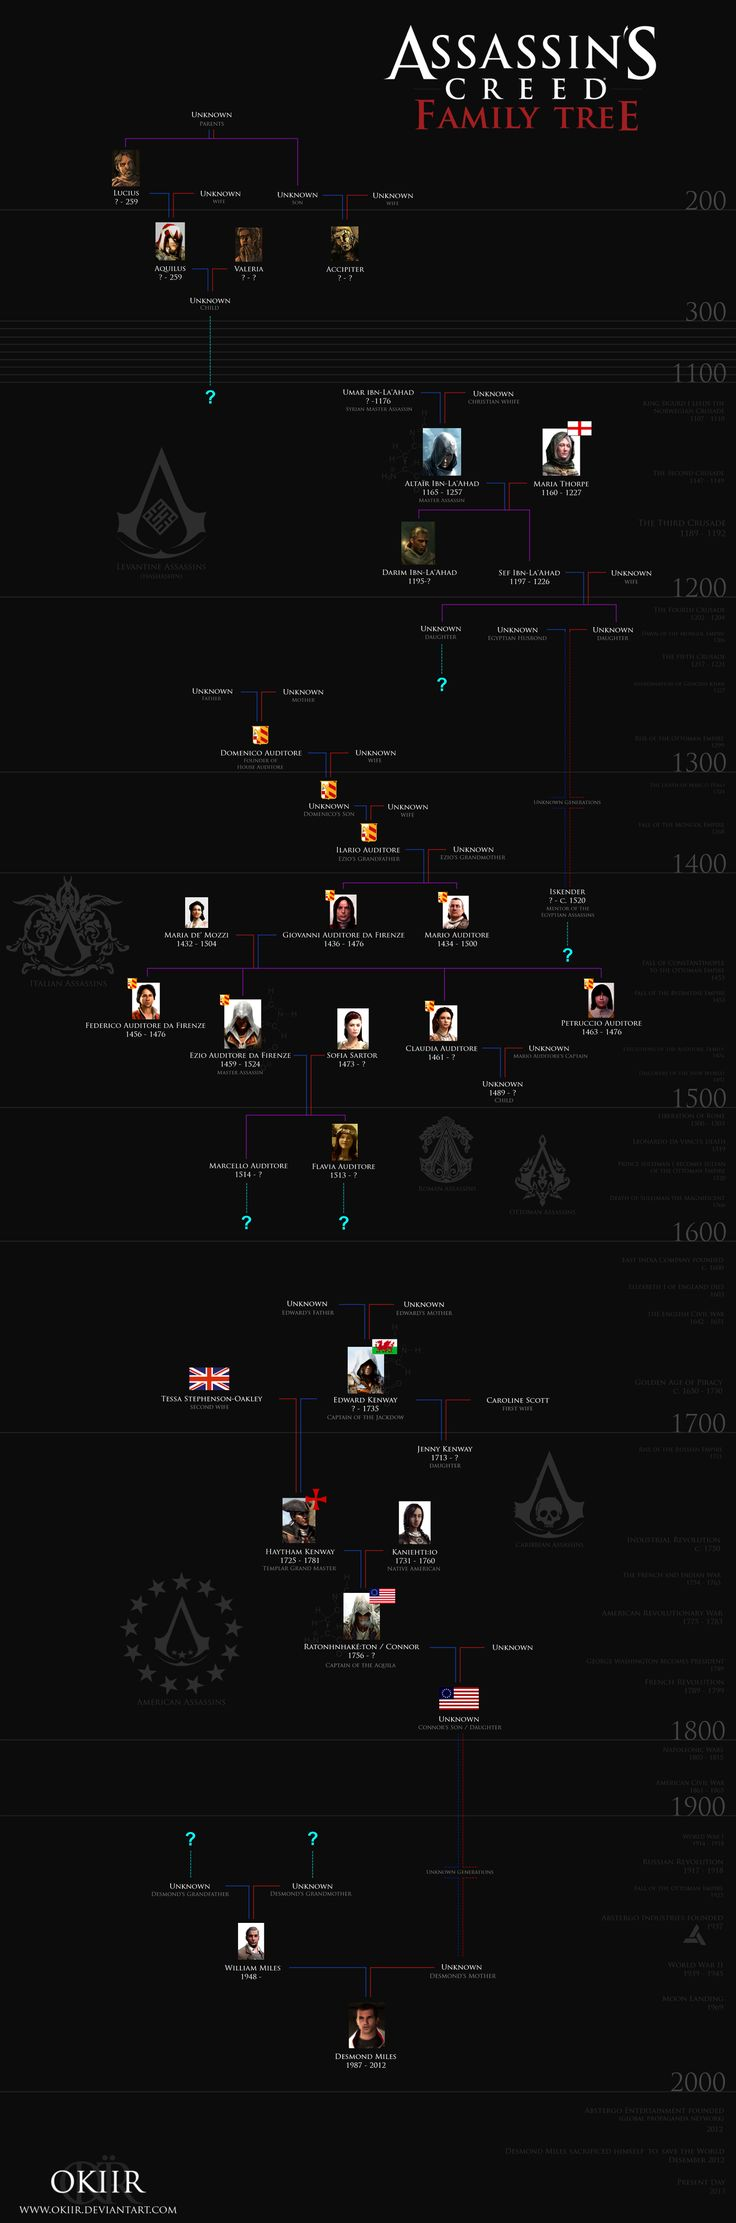 Assassin's Creed: Desmond Miles' Family Tree by okiir.deviantart.com on @deviantART